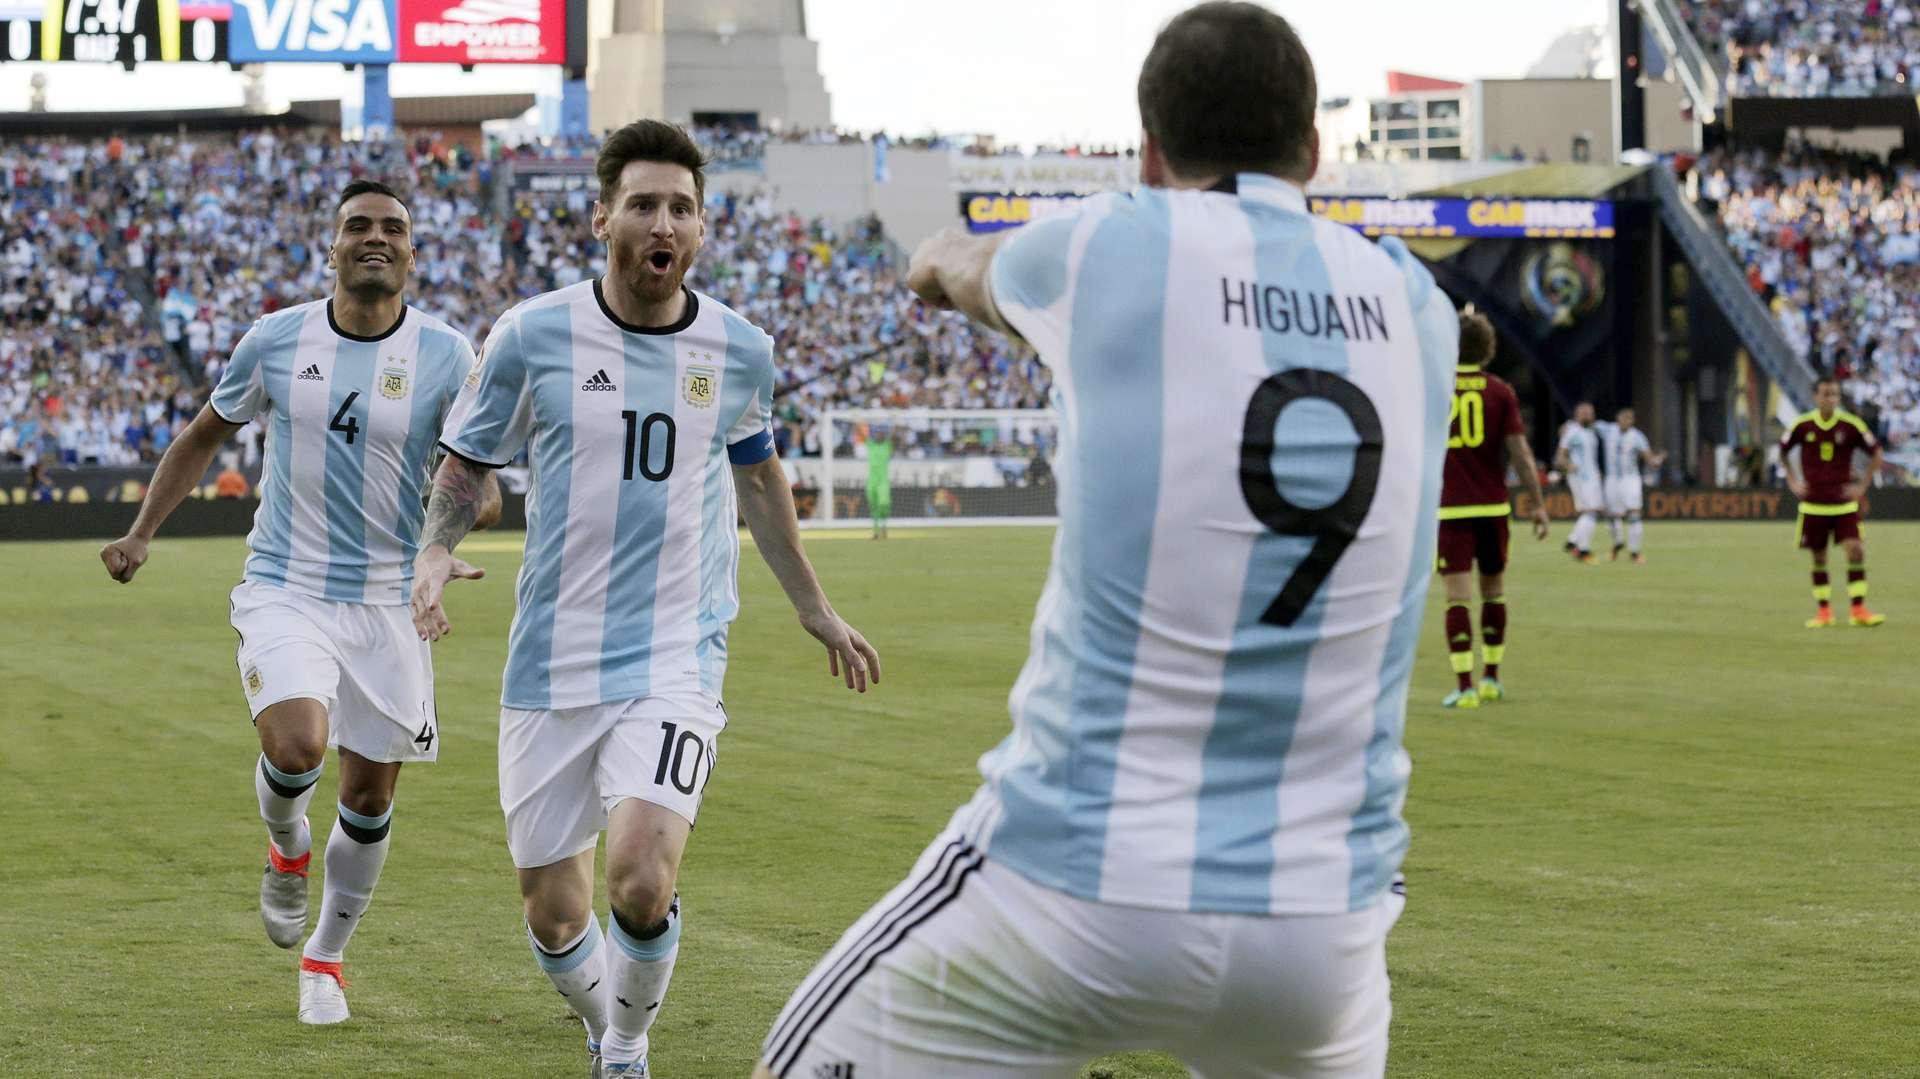 Lionel Messi tiene una deuda pendiente con la selección argentina, según sus críticos. /AP